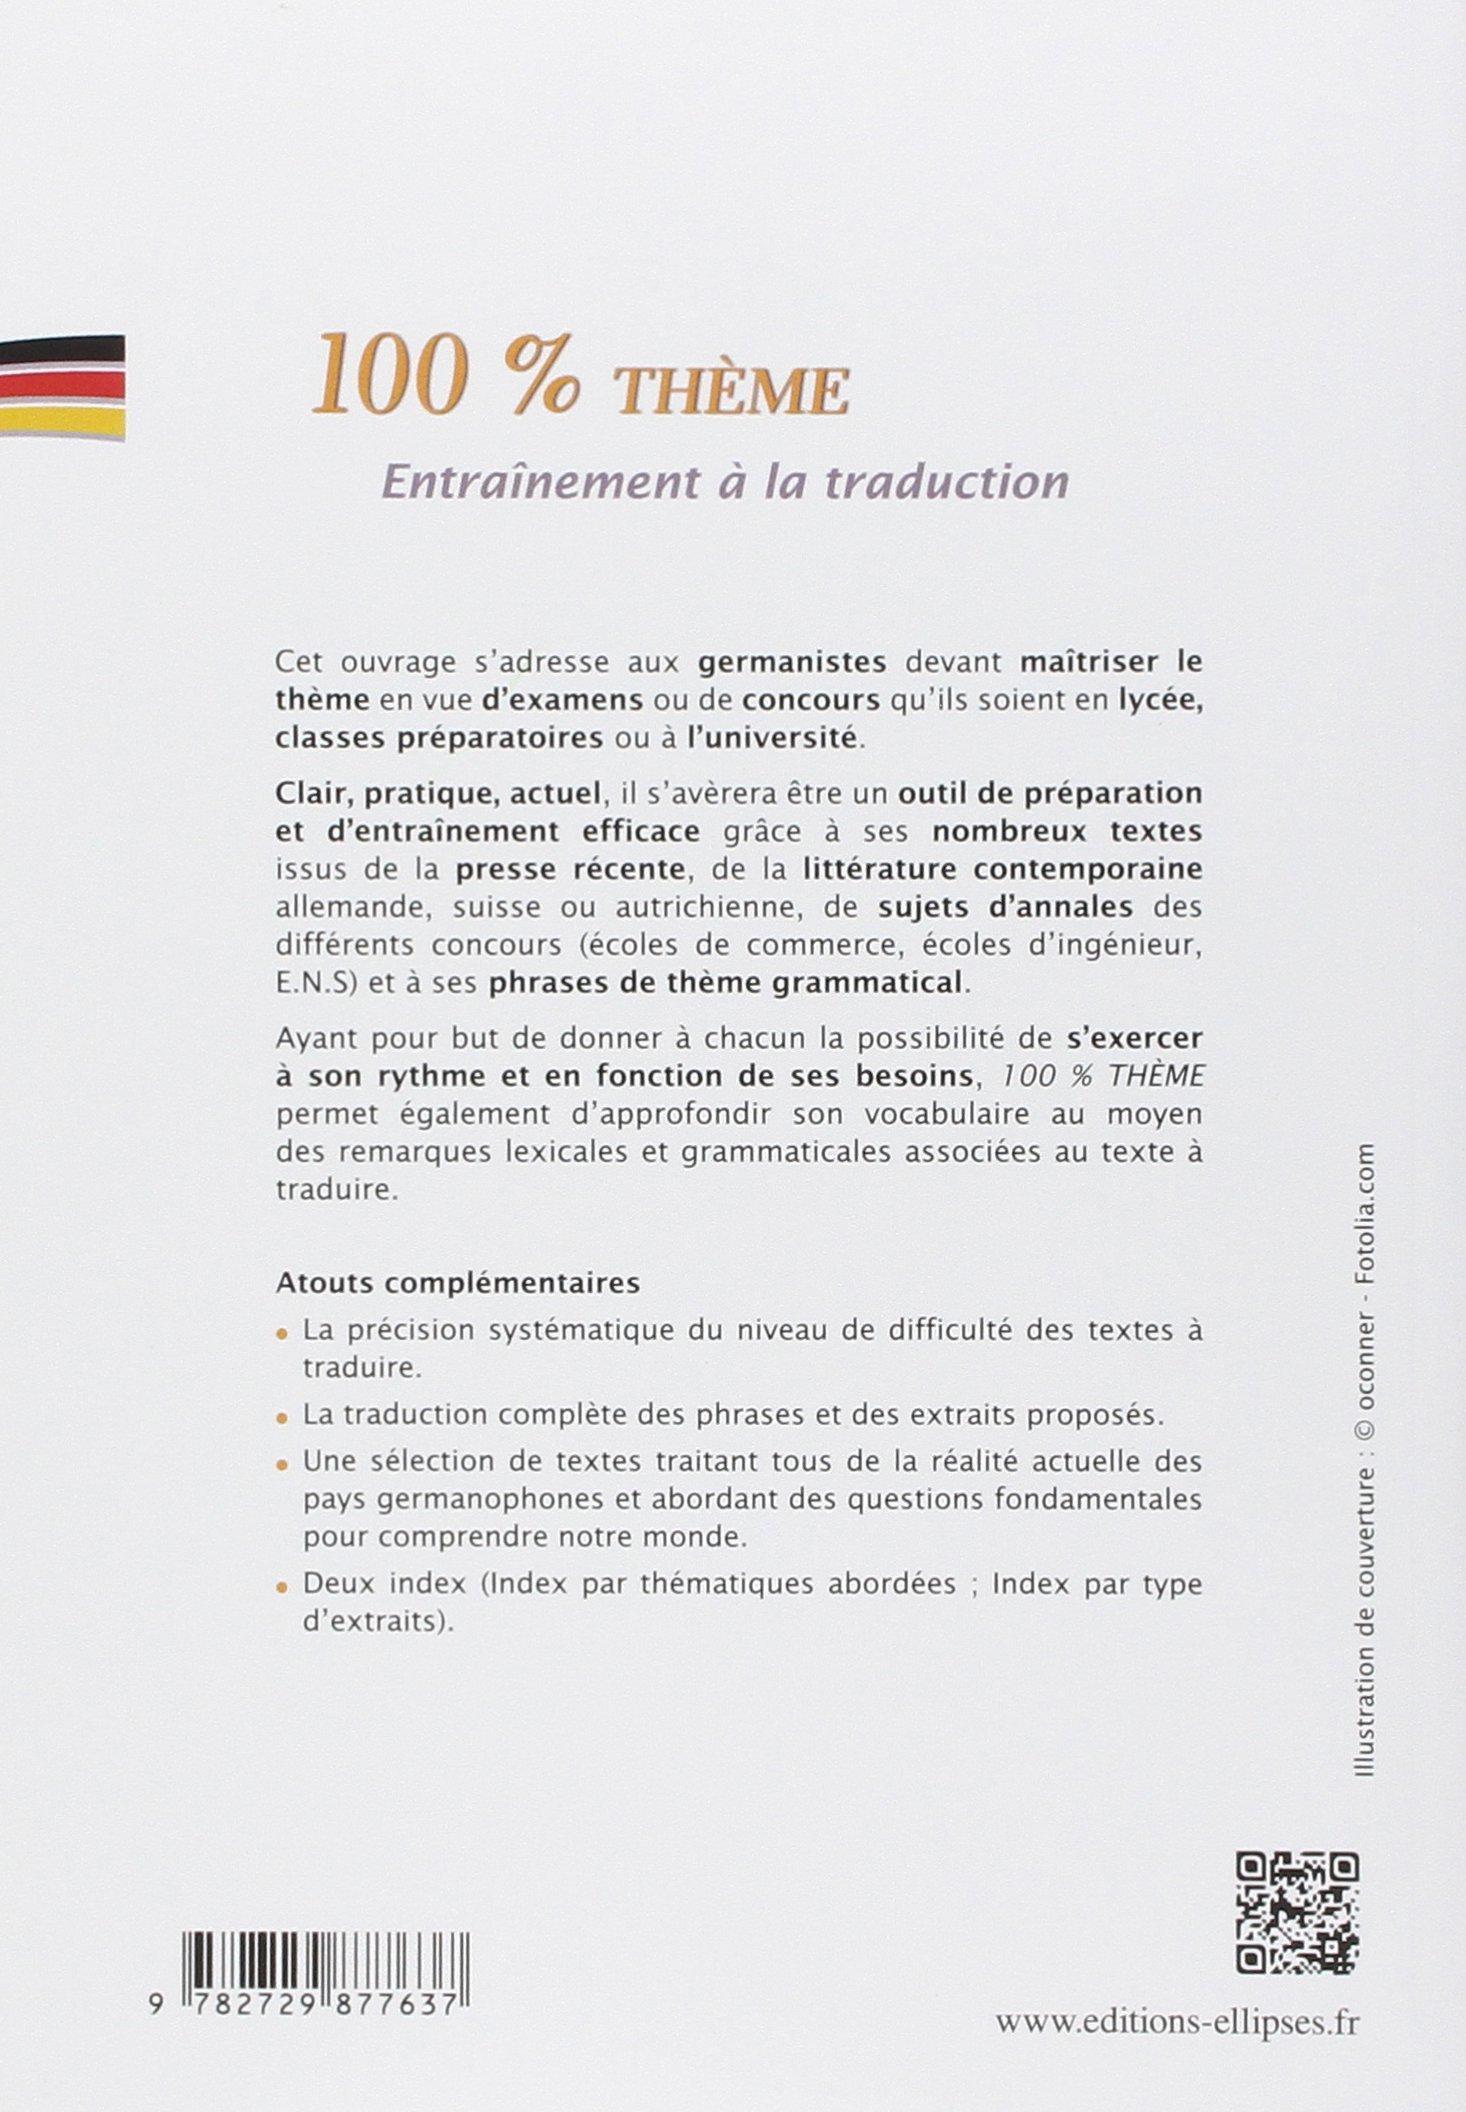 Traduire Un Texte Suisse Allemand En Français - Exemple de ...